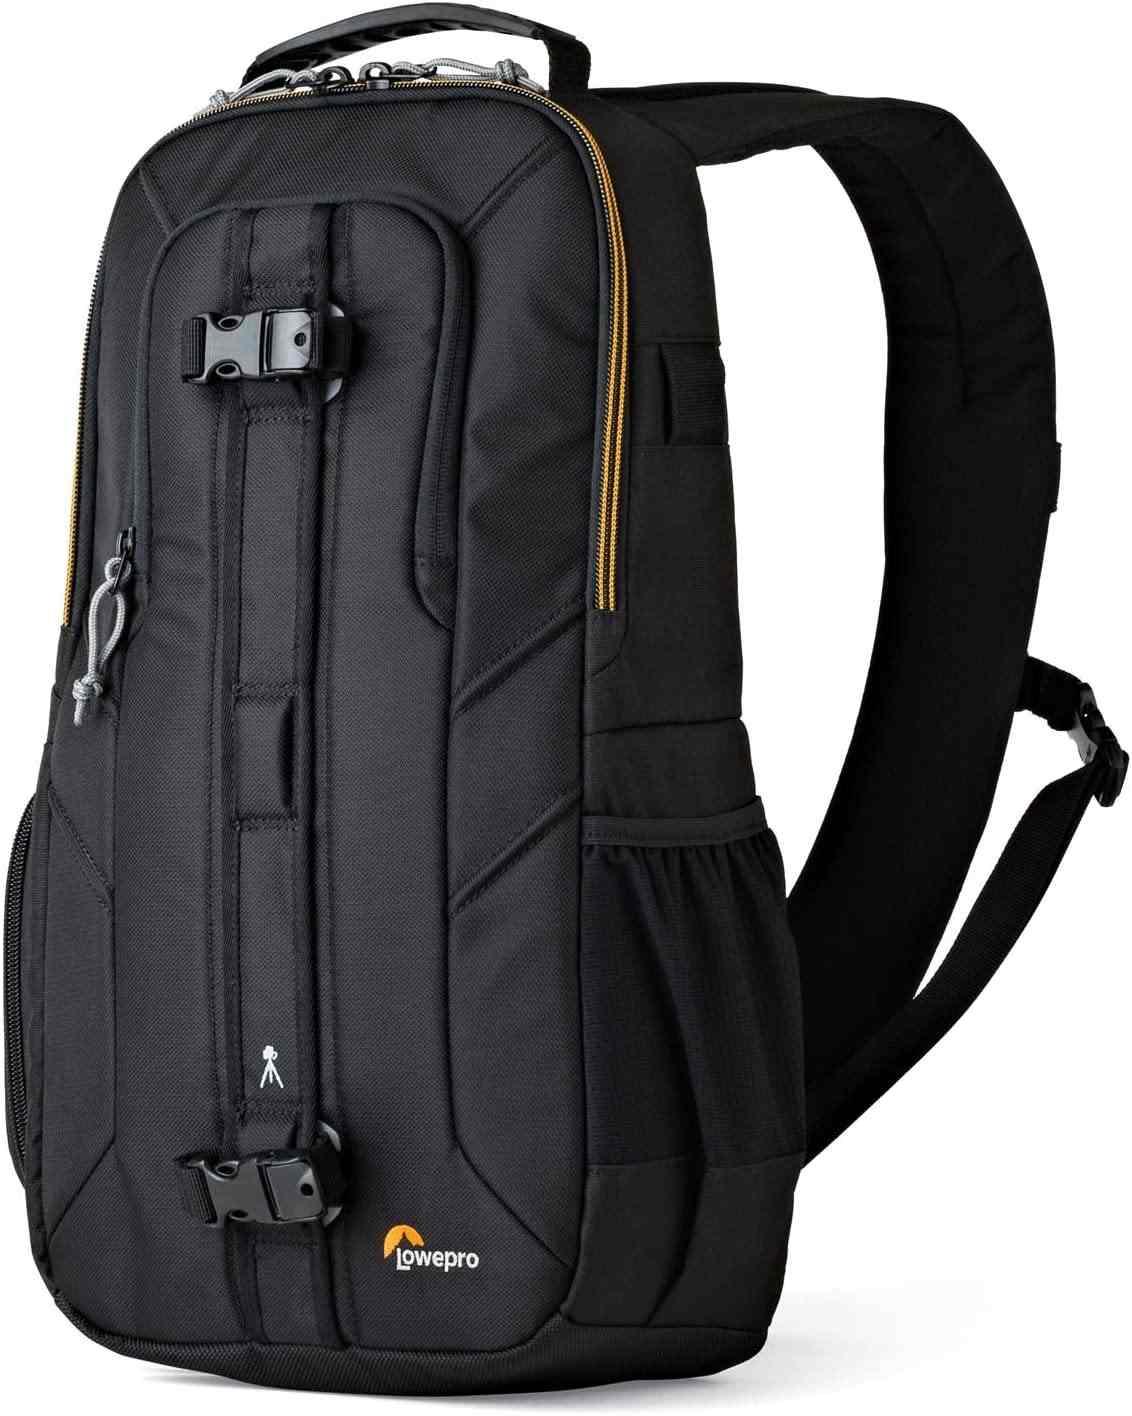 Lowepro - best camera bags for women